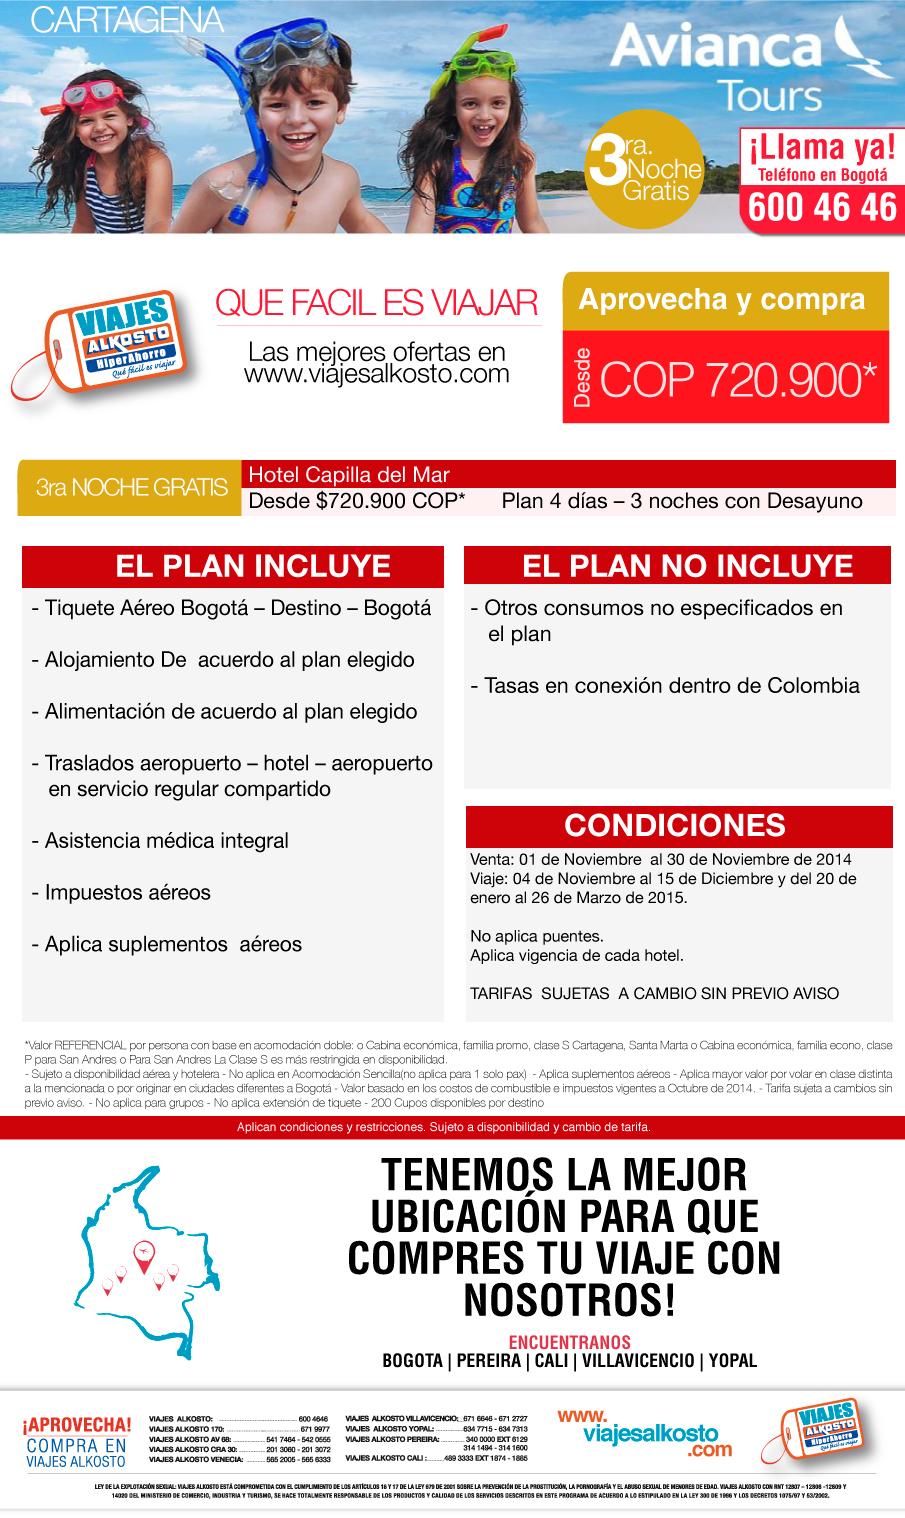 Viaje a Cartagena en noviembre con viajes alkosto